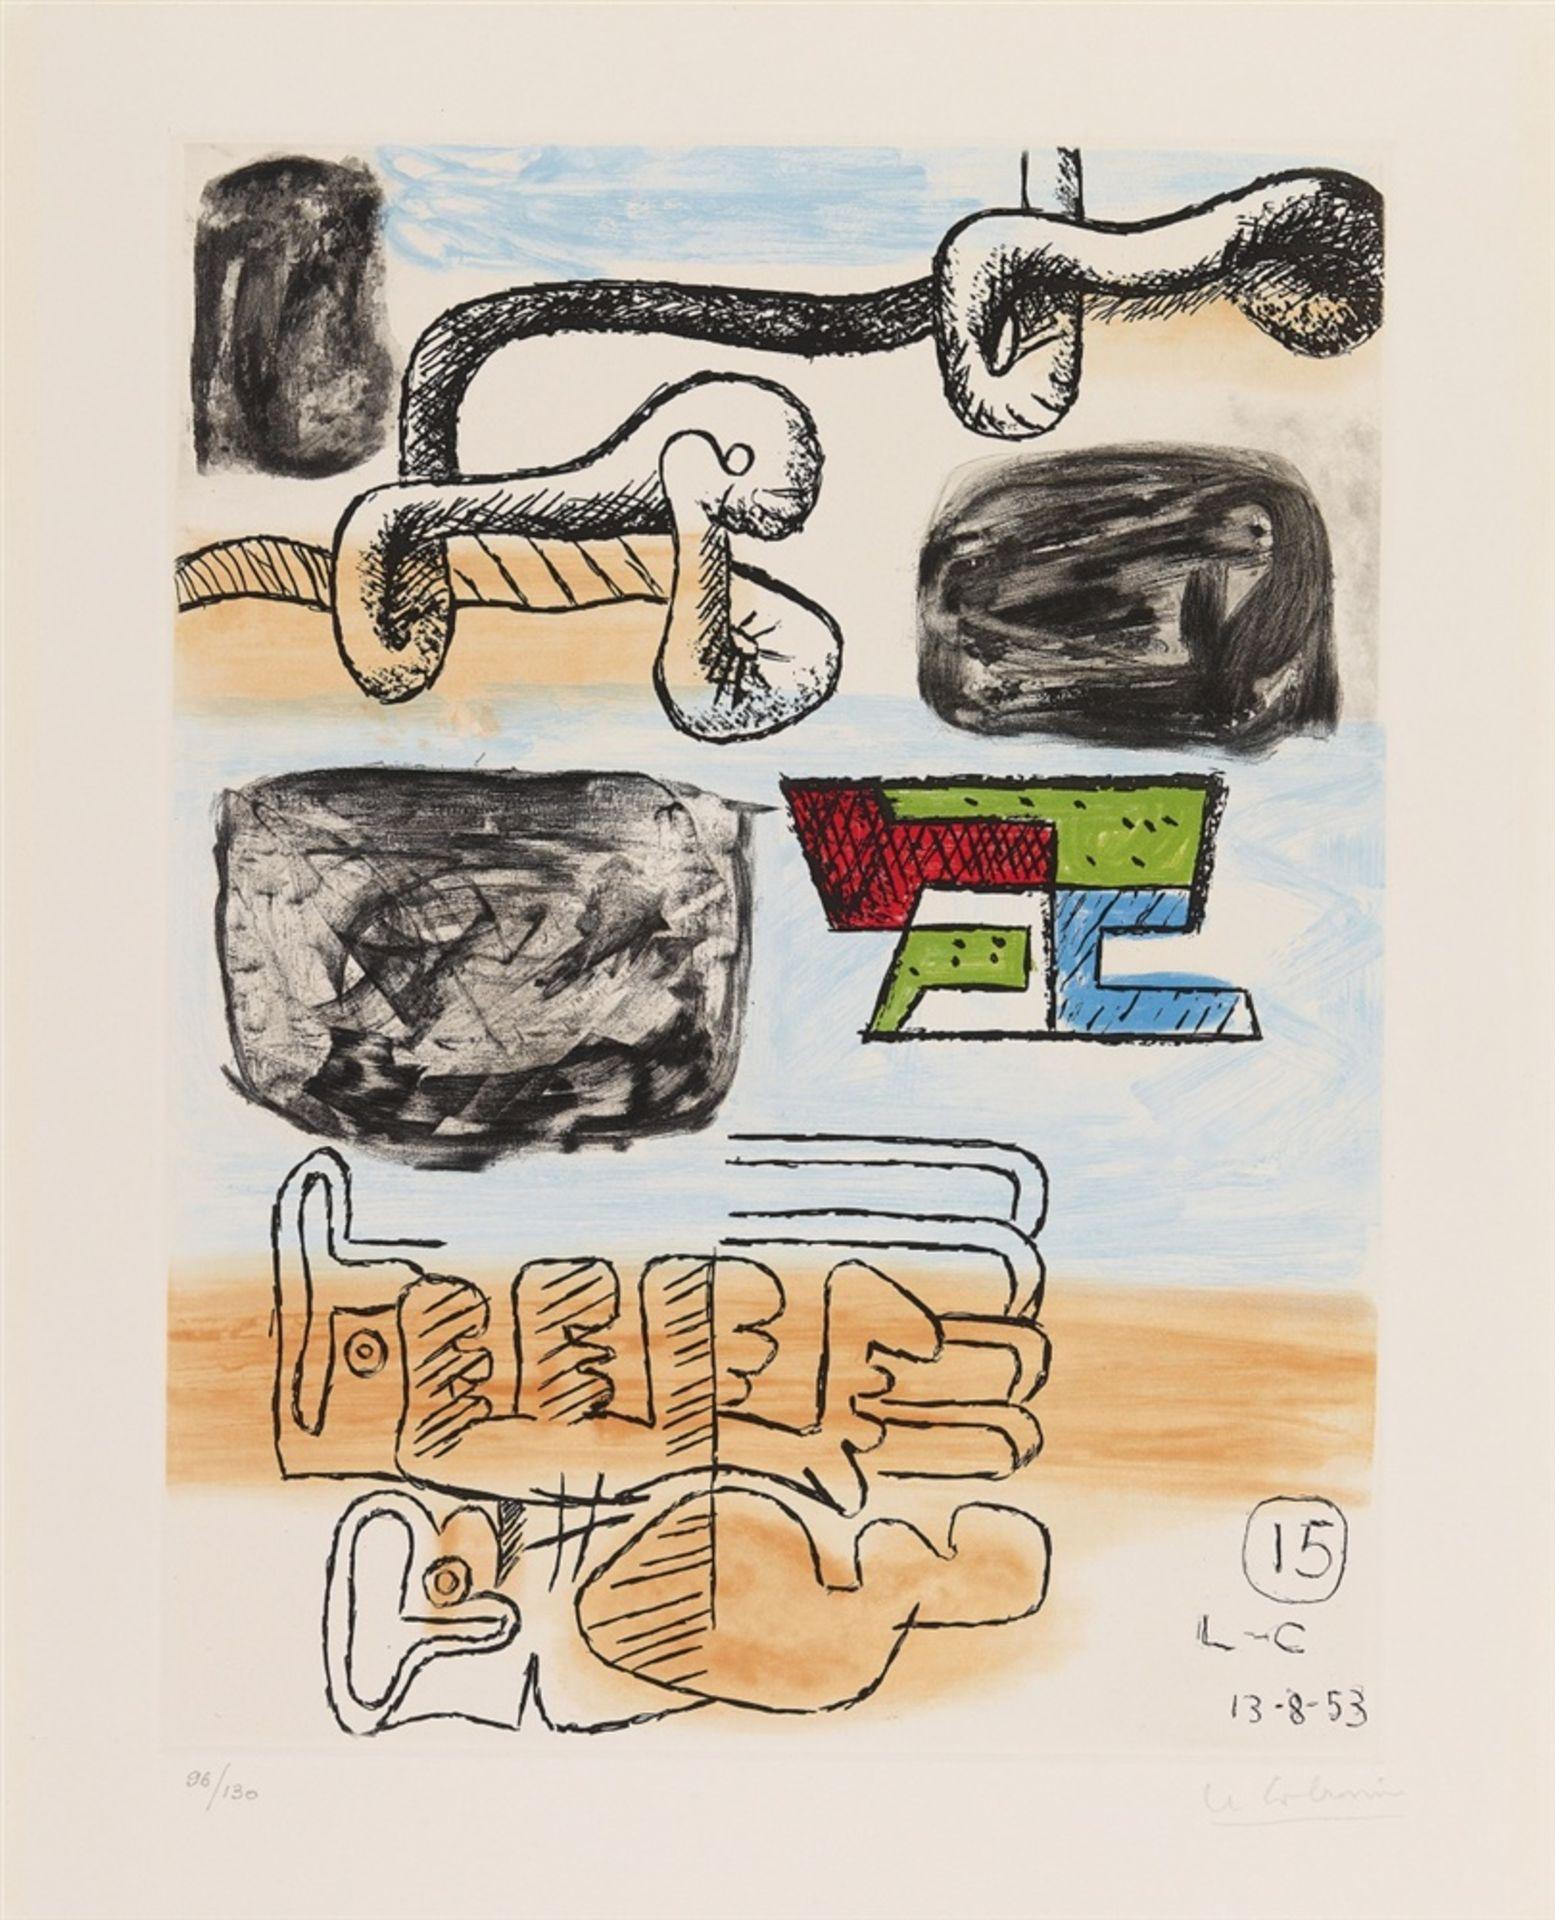 Le Corbusier (Charles-Édouard Jeanneret)Unité - Bild 14 aus 27